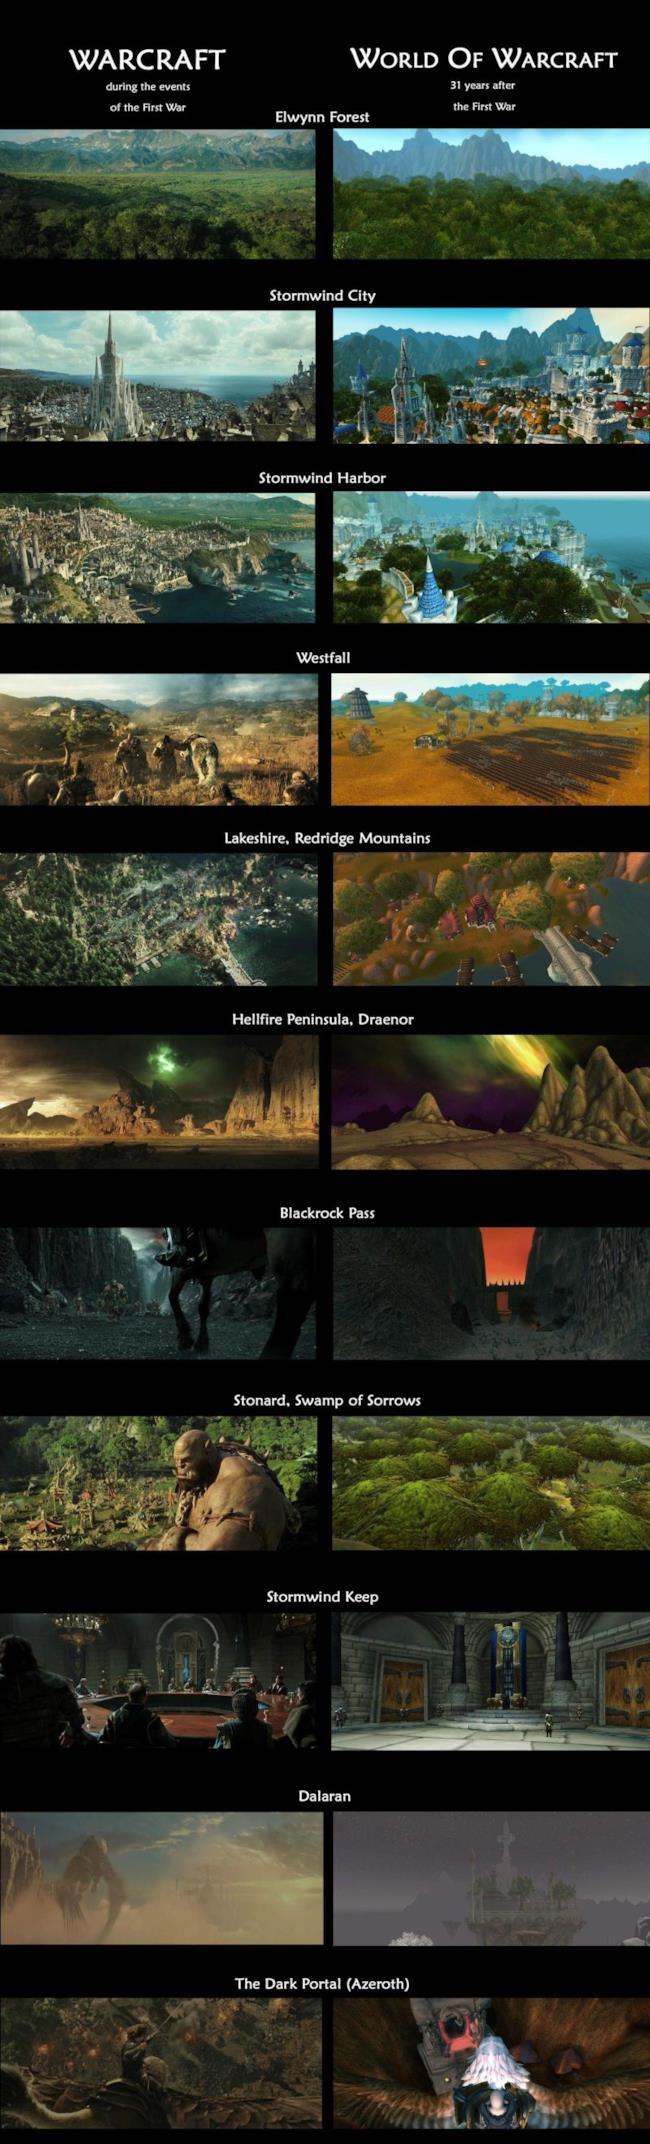 Film VS videogioco: I luoghi di Azeroth a confronto